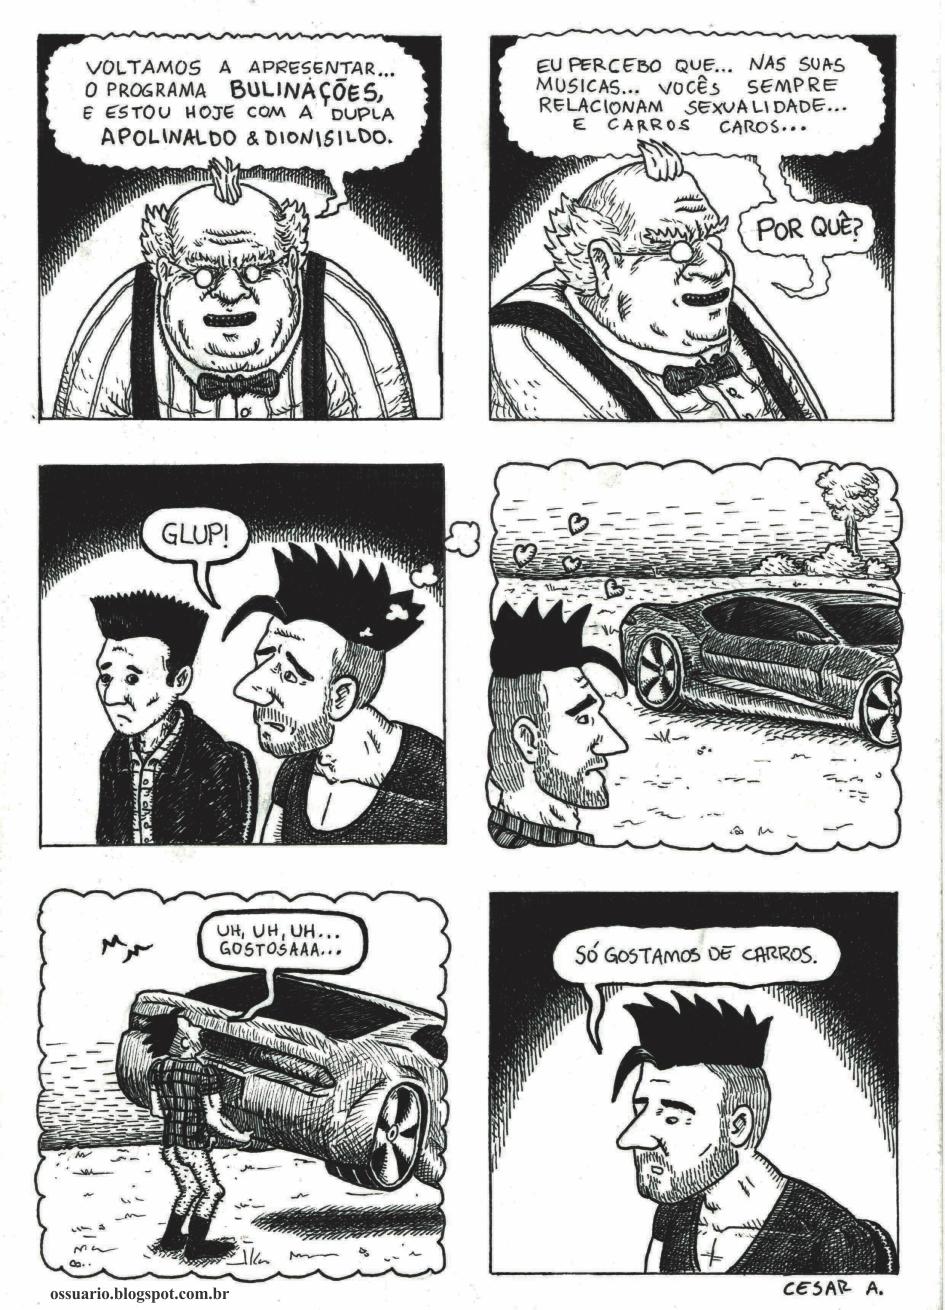 Programa Bulinações, por Cesar Andrade